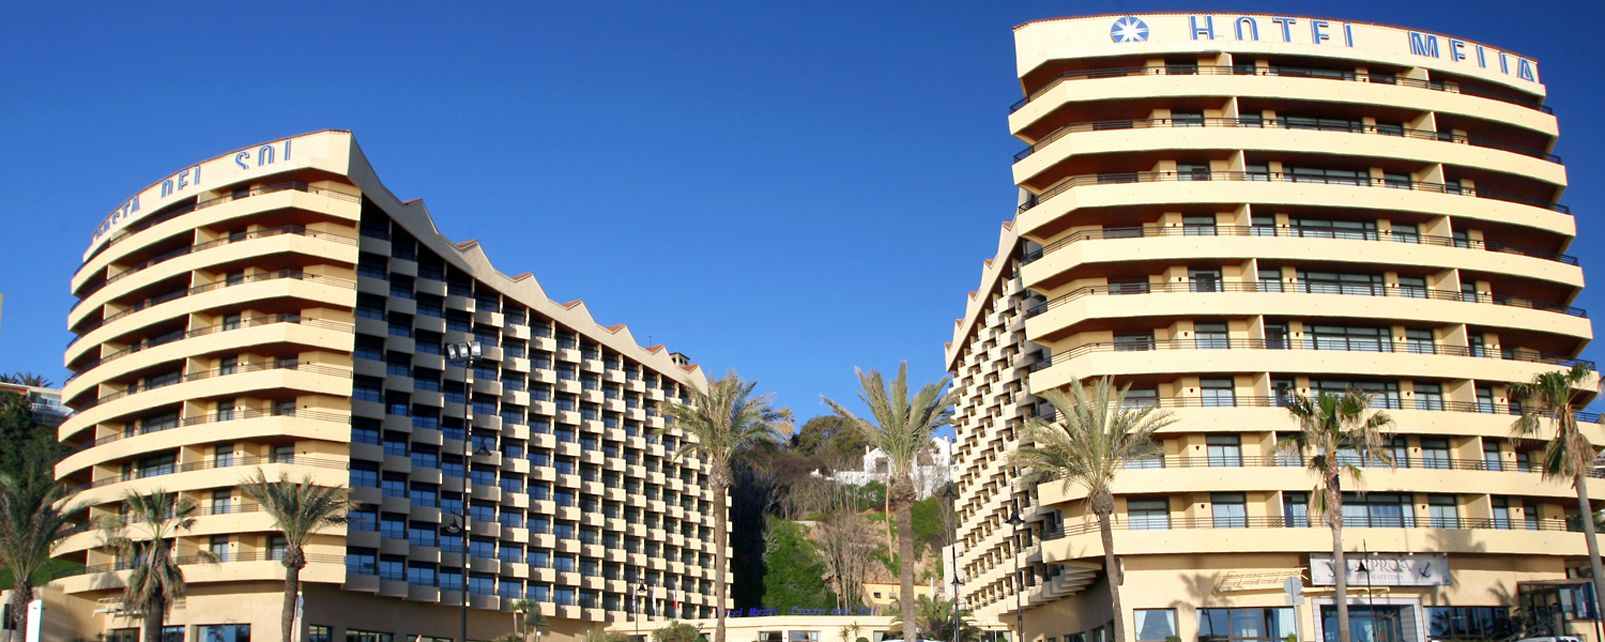 Hôtel Melia Costa del Sol